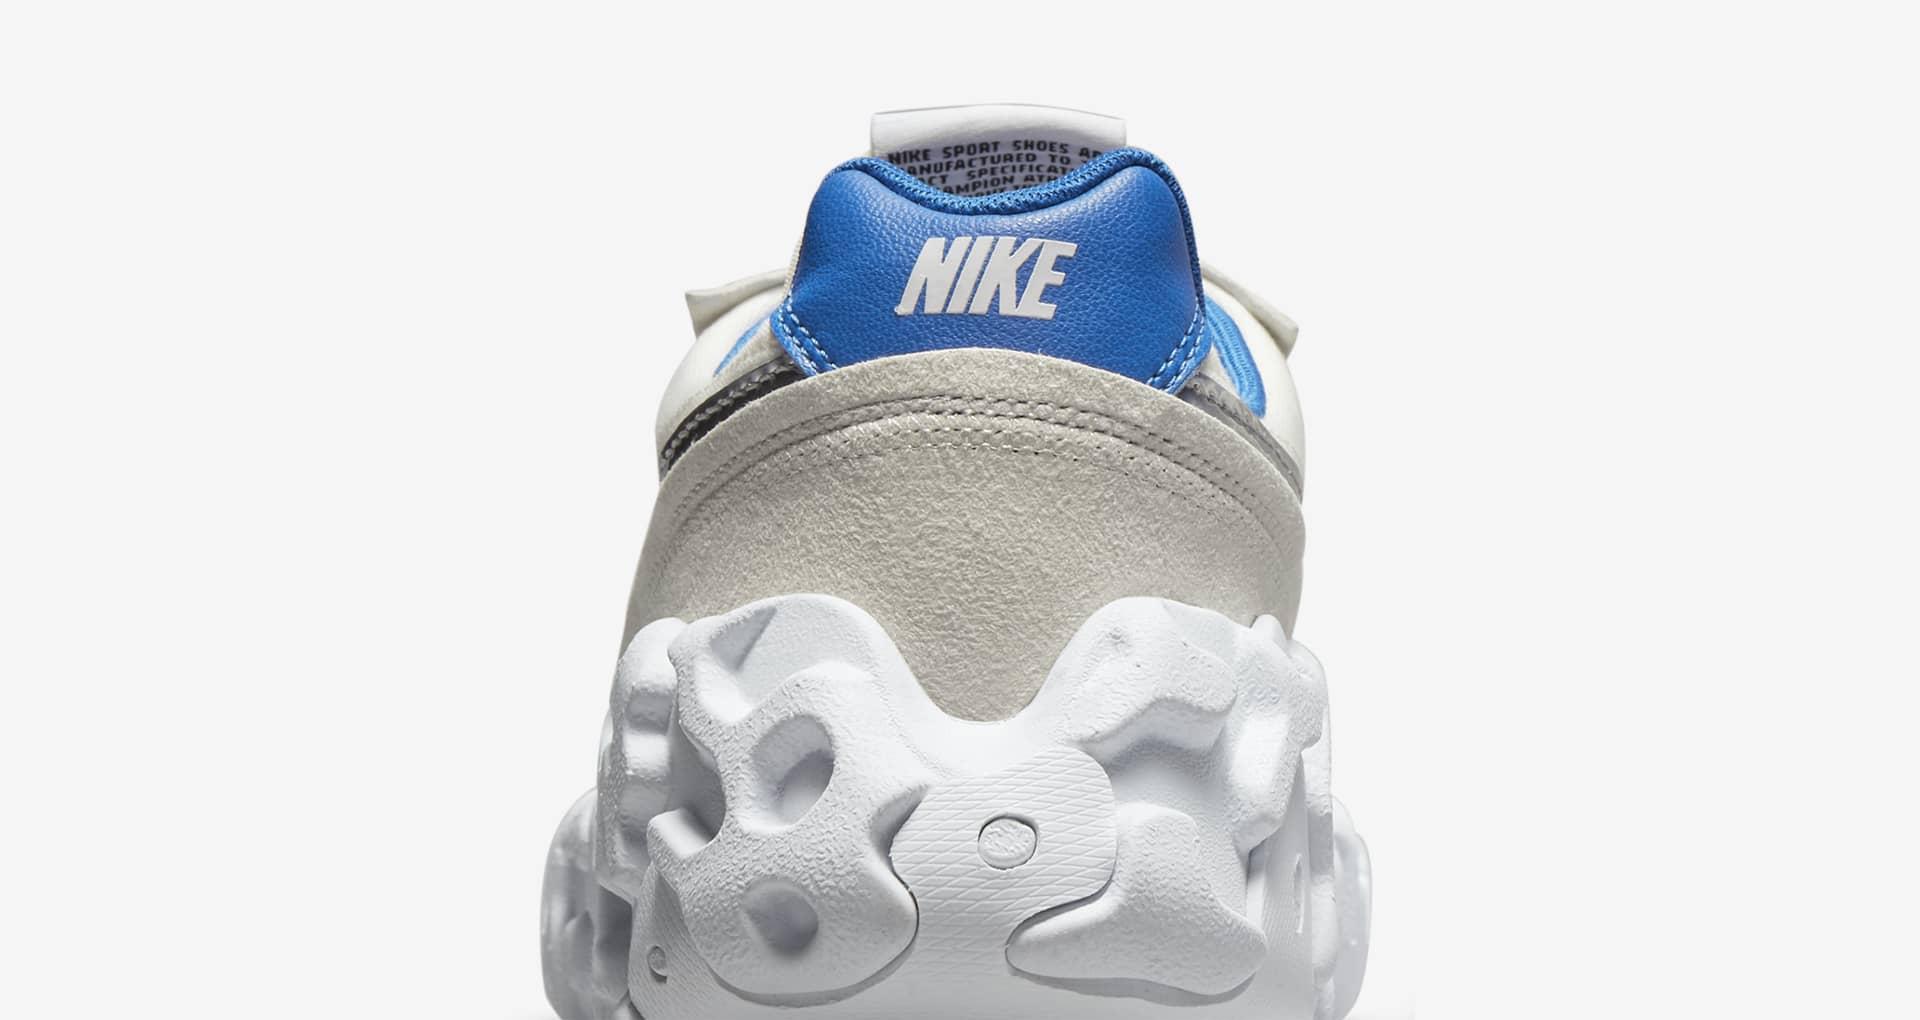 """ナイキ オーバーブレイク """"ライトボーン"""" nike-overbreak-2-colors-light-bone-dc3041-001-heel-closeup"""